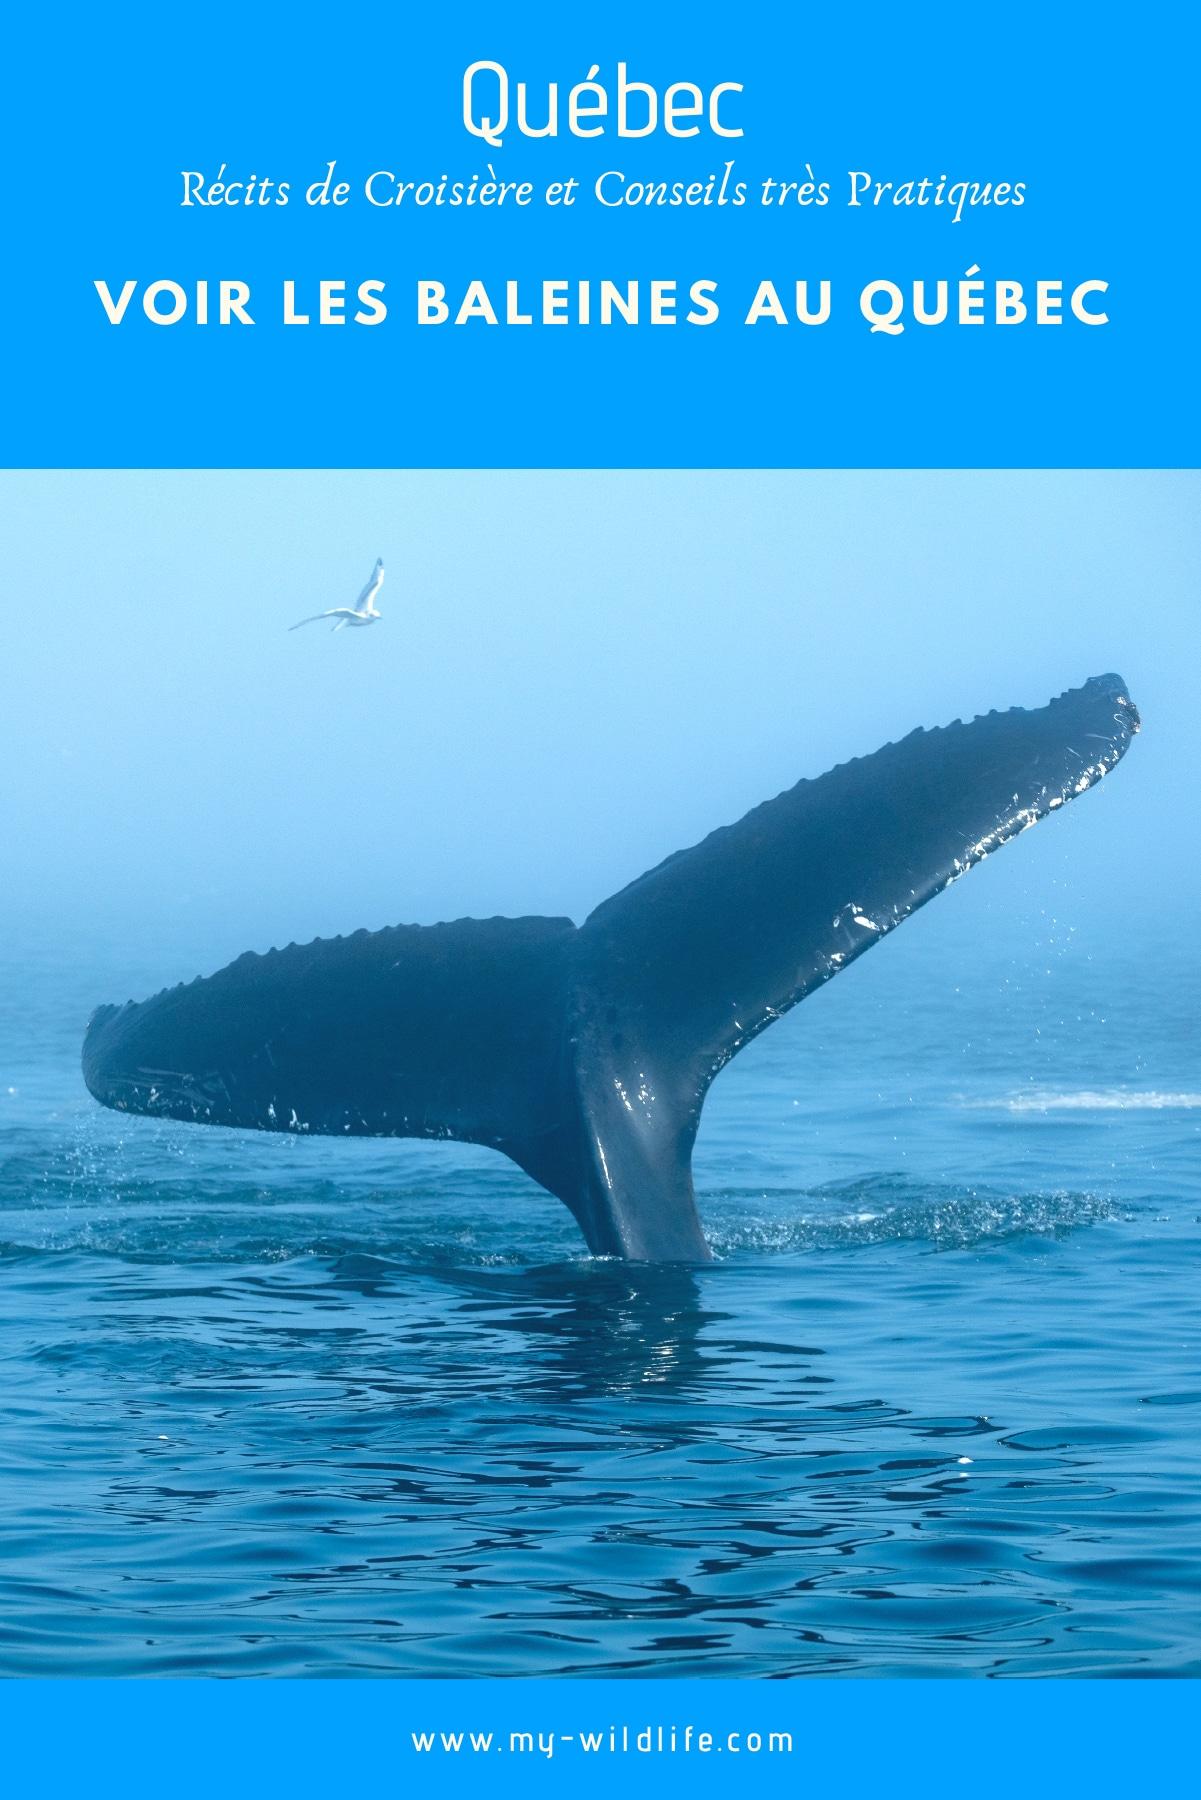 baleine-quebec-02